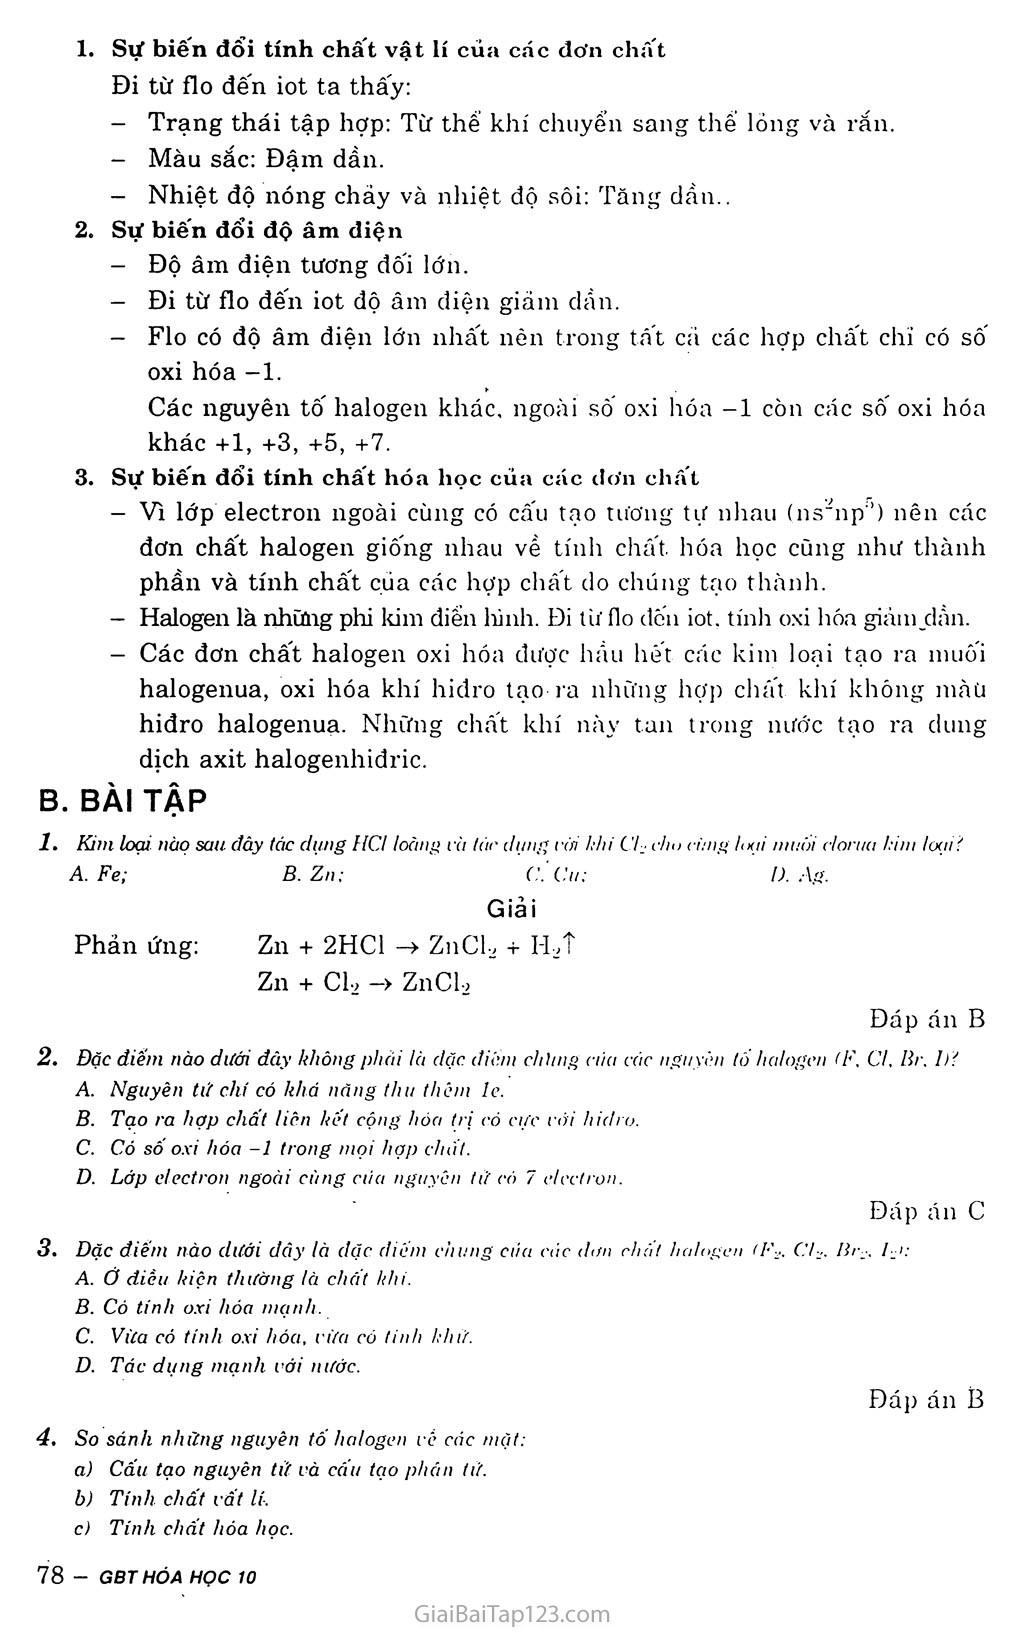 Bài 21: Khái quát về nhóm halogen trang 2